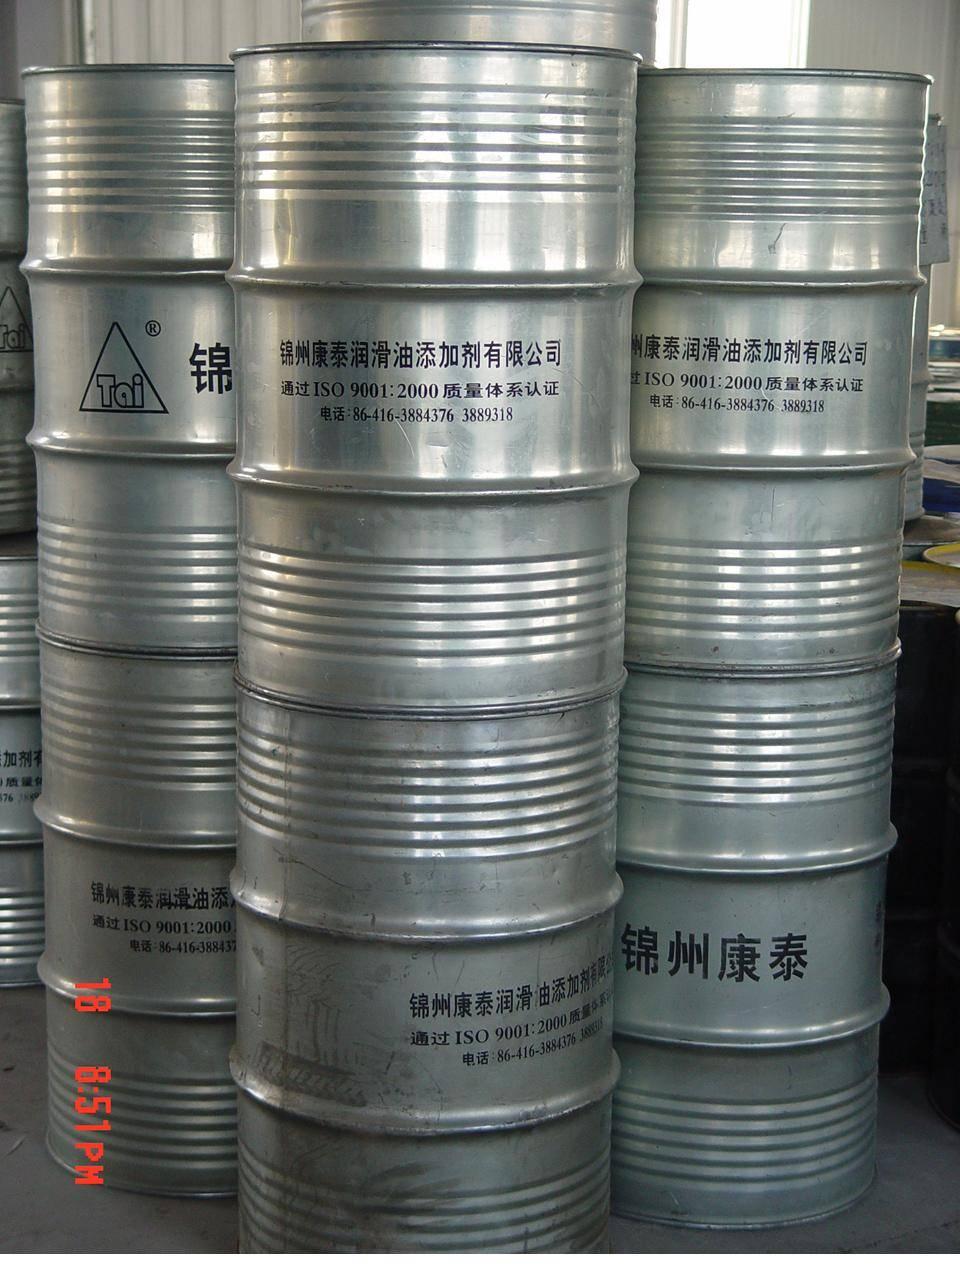 ZDDP (Antioxidant and Corrosion Inhibitor)